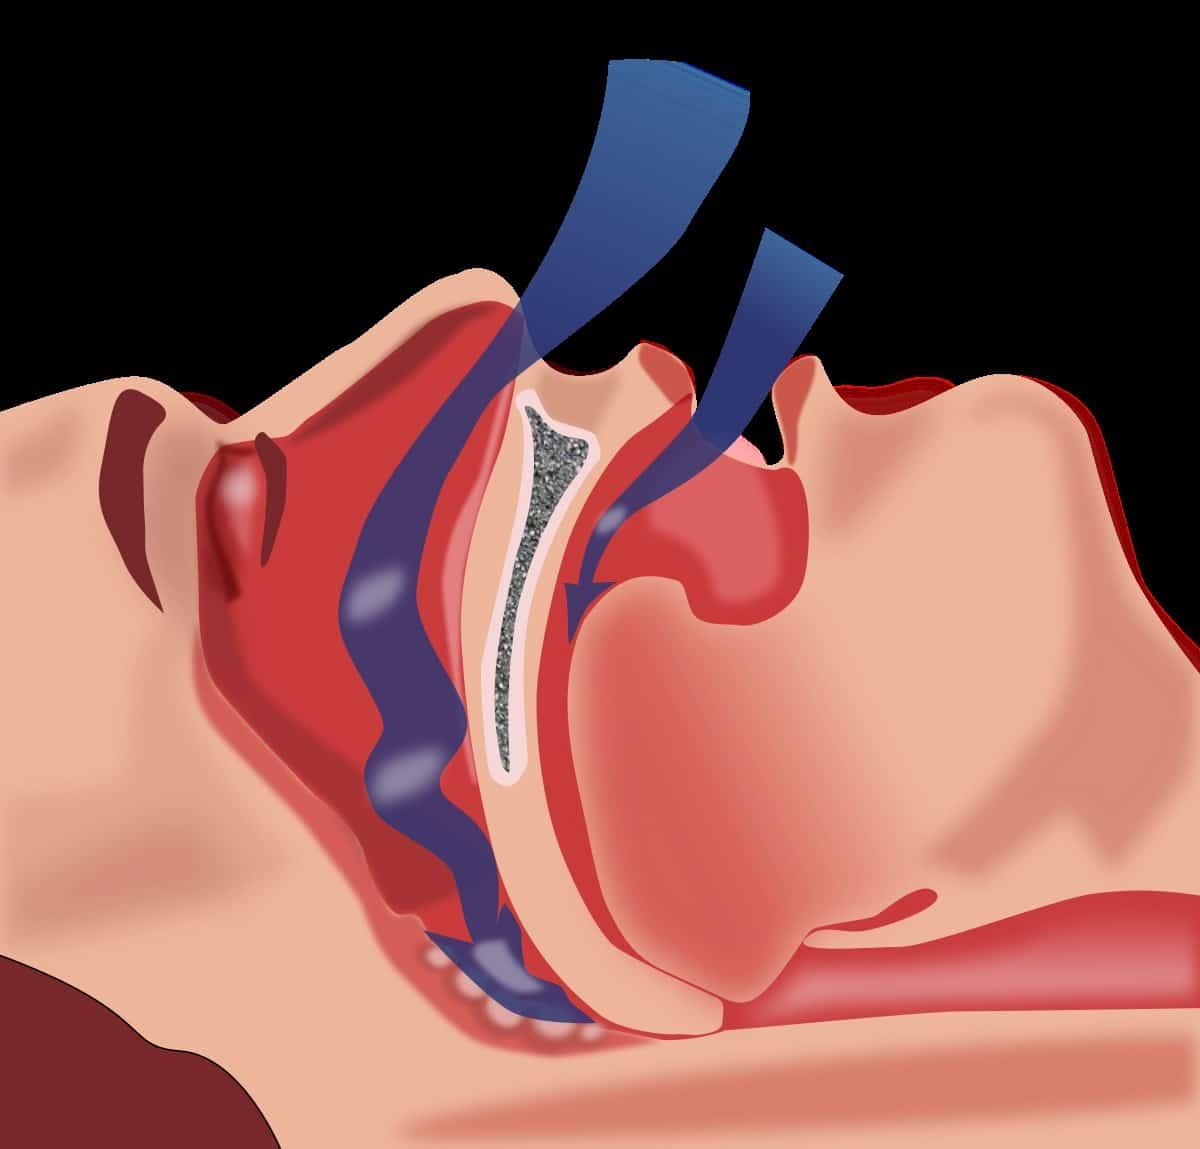 متلازمة انقطاع التنفس اثناء النوم ... الشخير